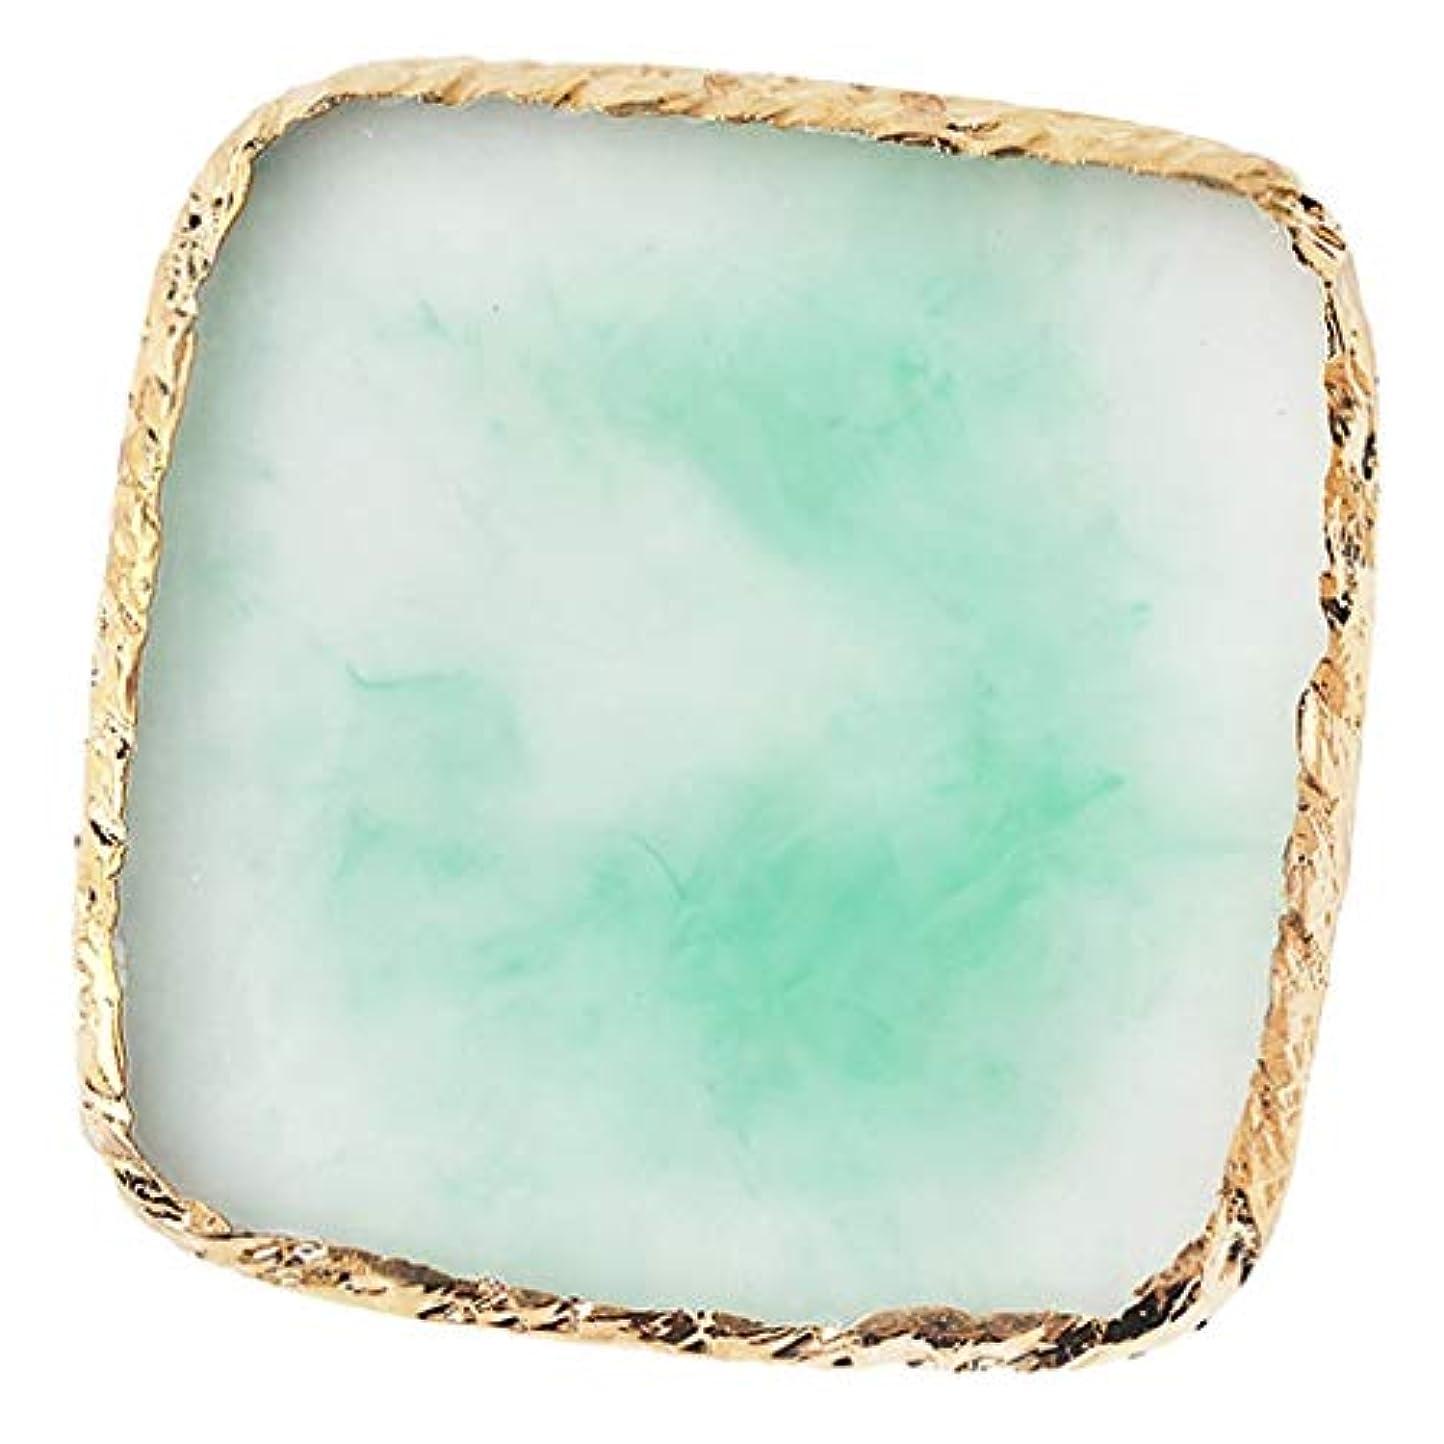 アピール破壊クーポンIPOTCH ネイルアート カラーブレンド ミキシングパレット 樹脂製 6色選べ - 緑